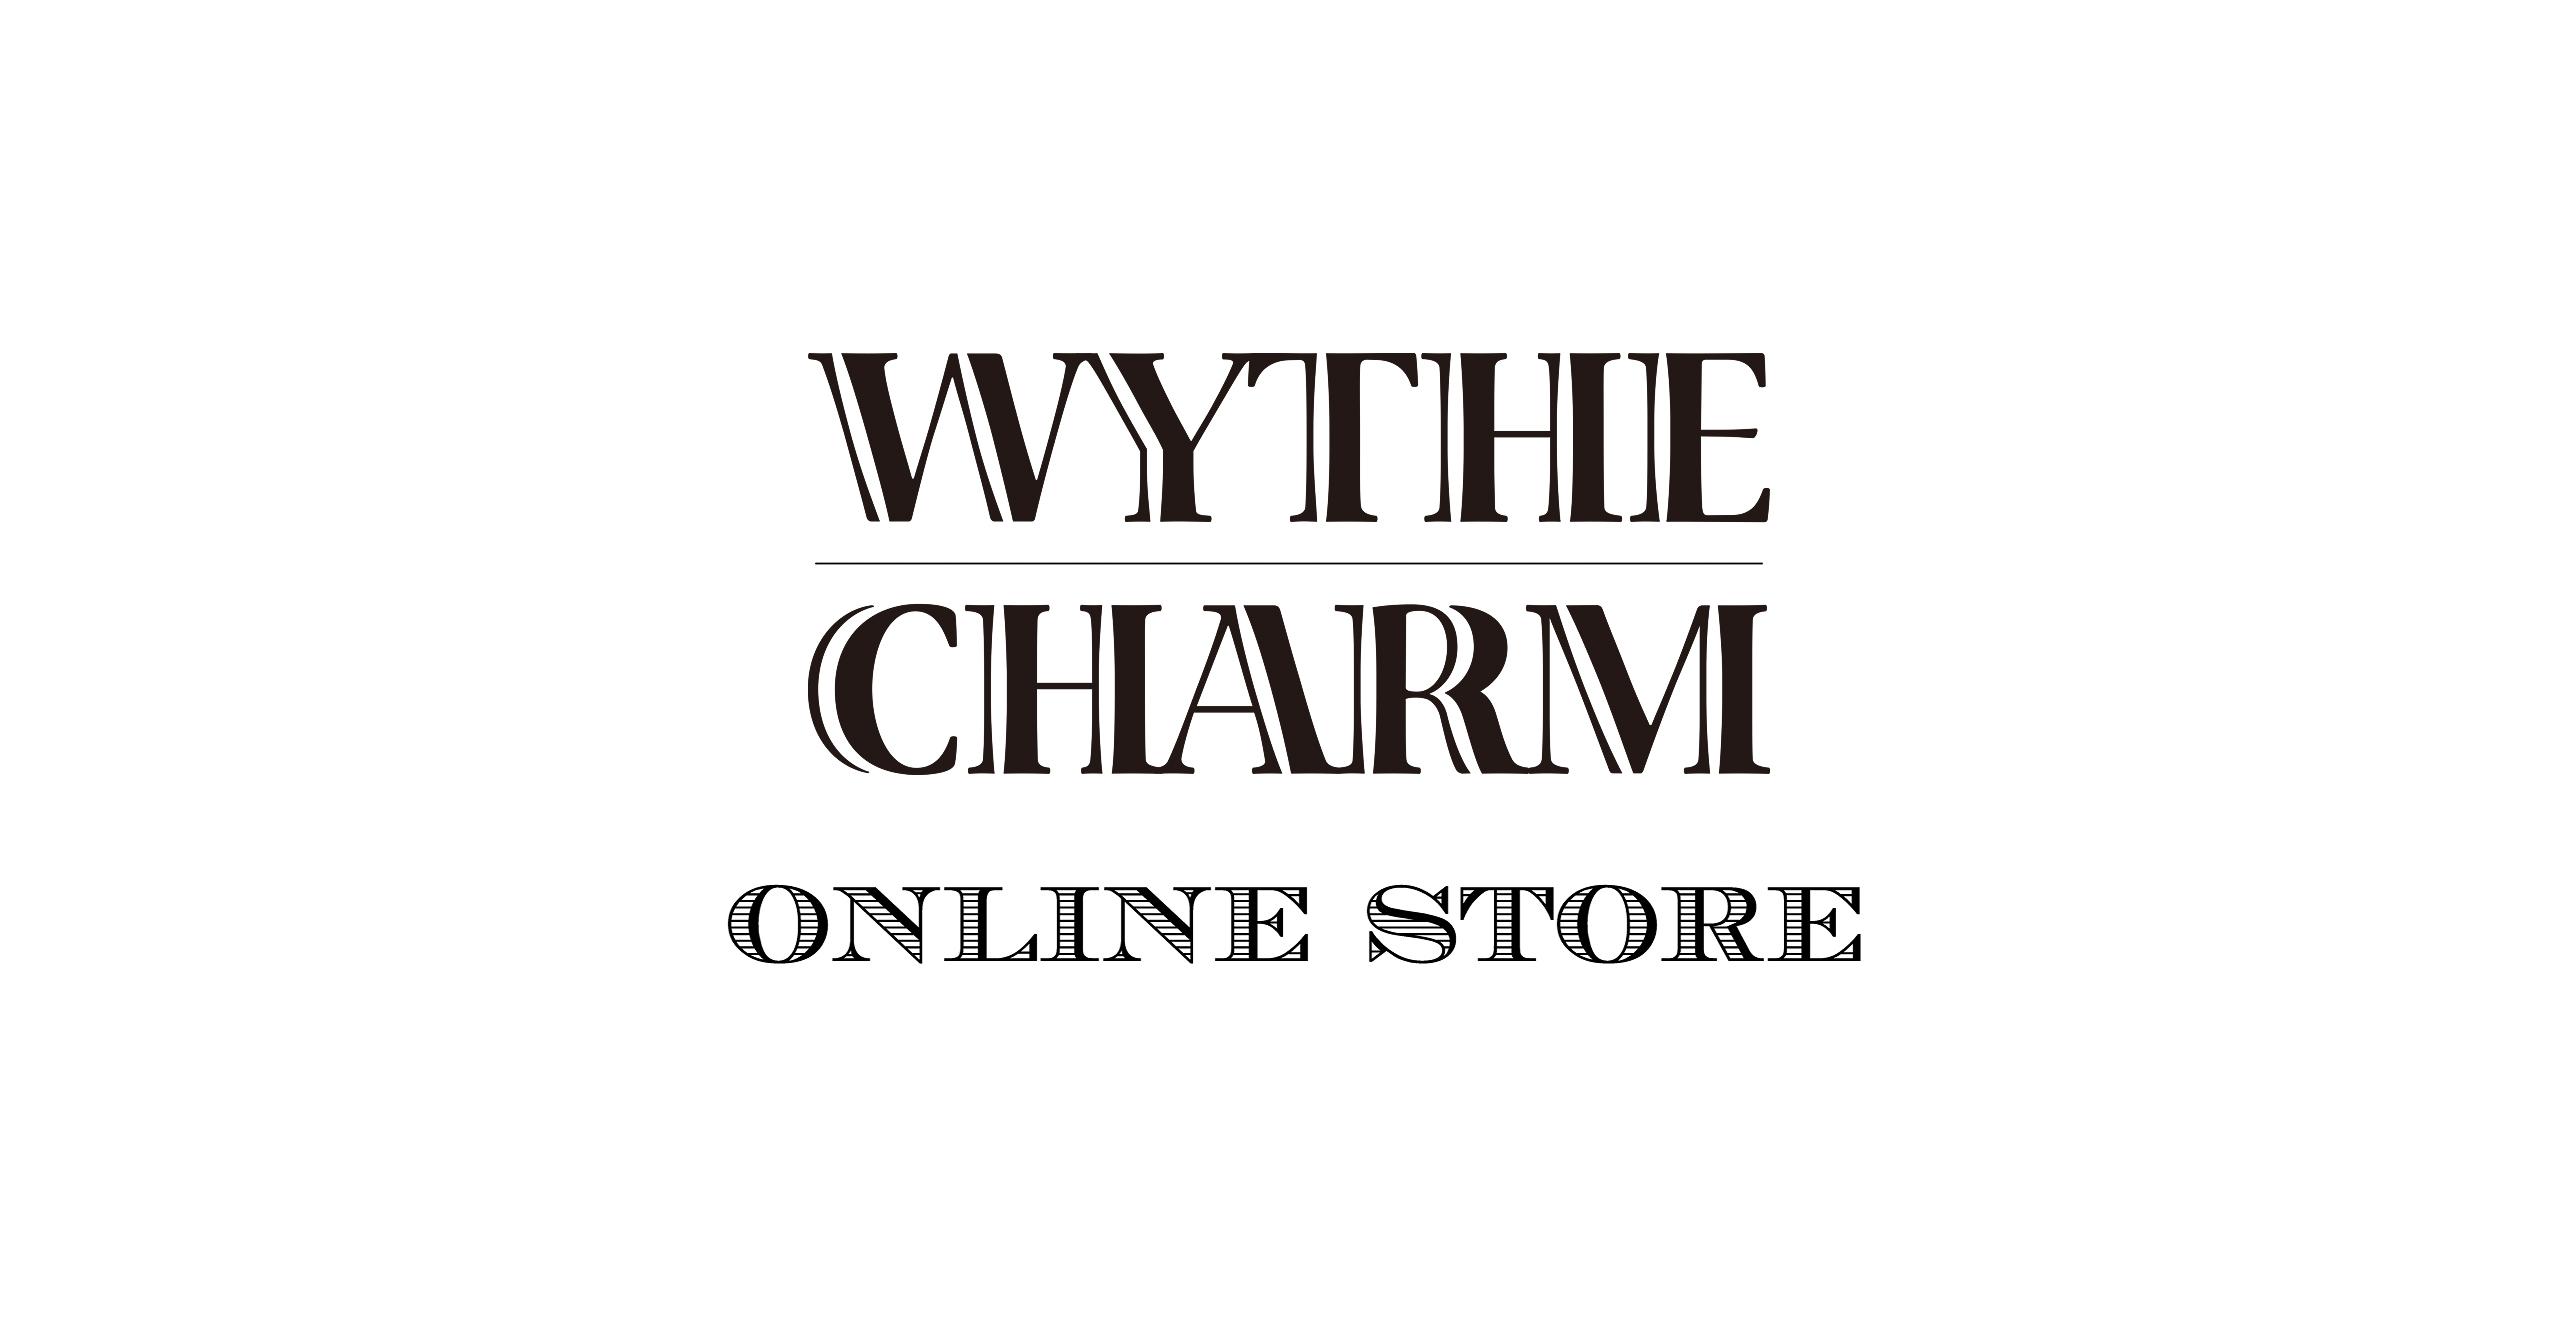 WYTHE CHARM